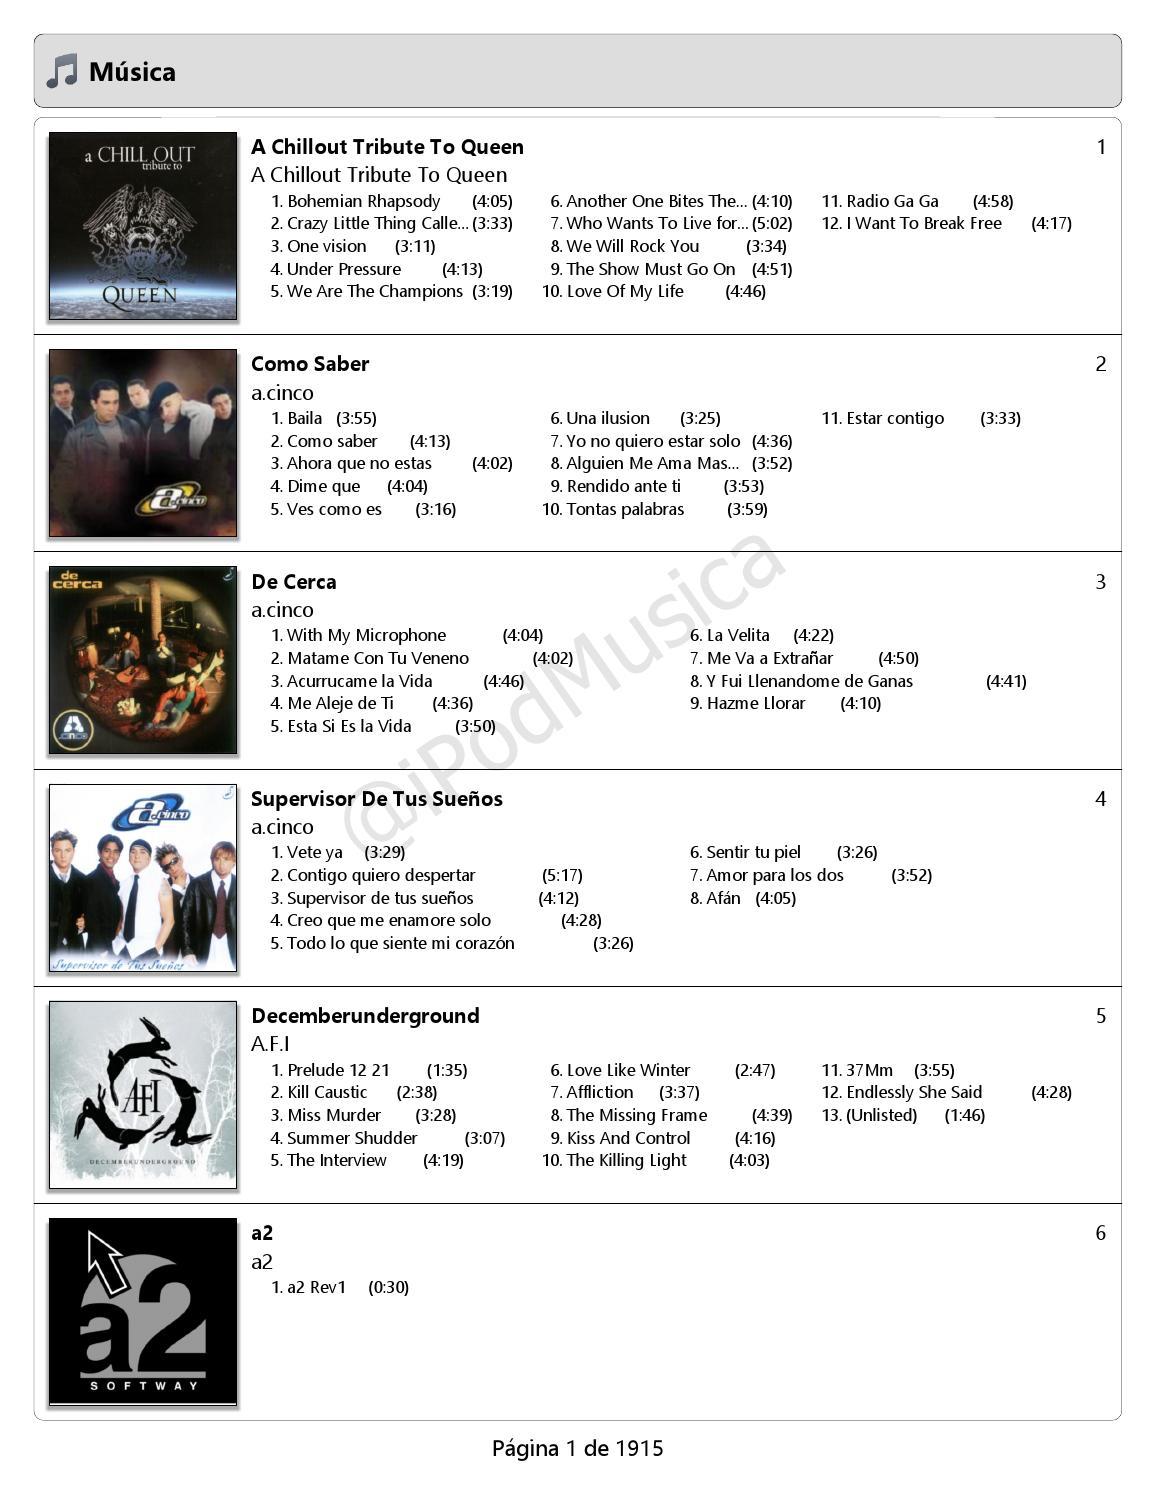 Catálogo Musical At Ipodmusica 1 De 4 Ordenado Por Artista De